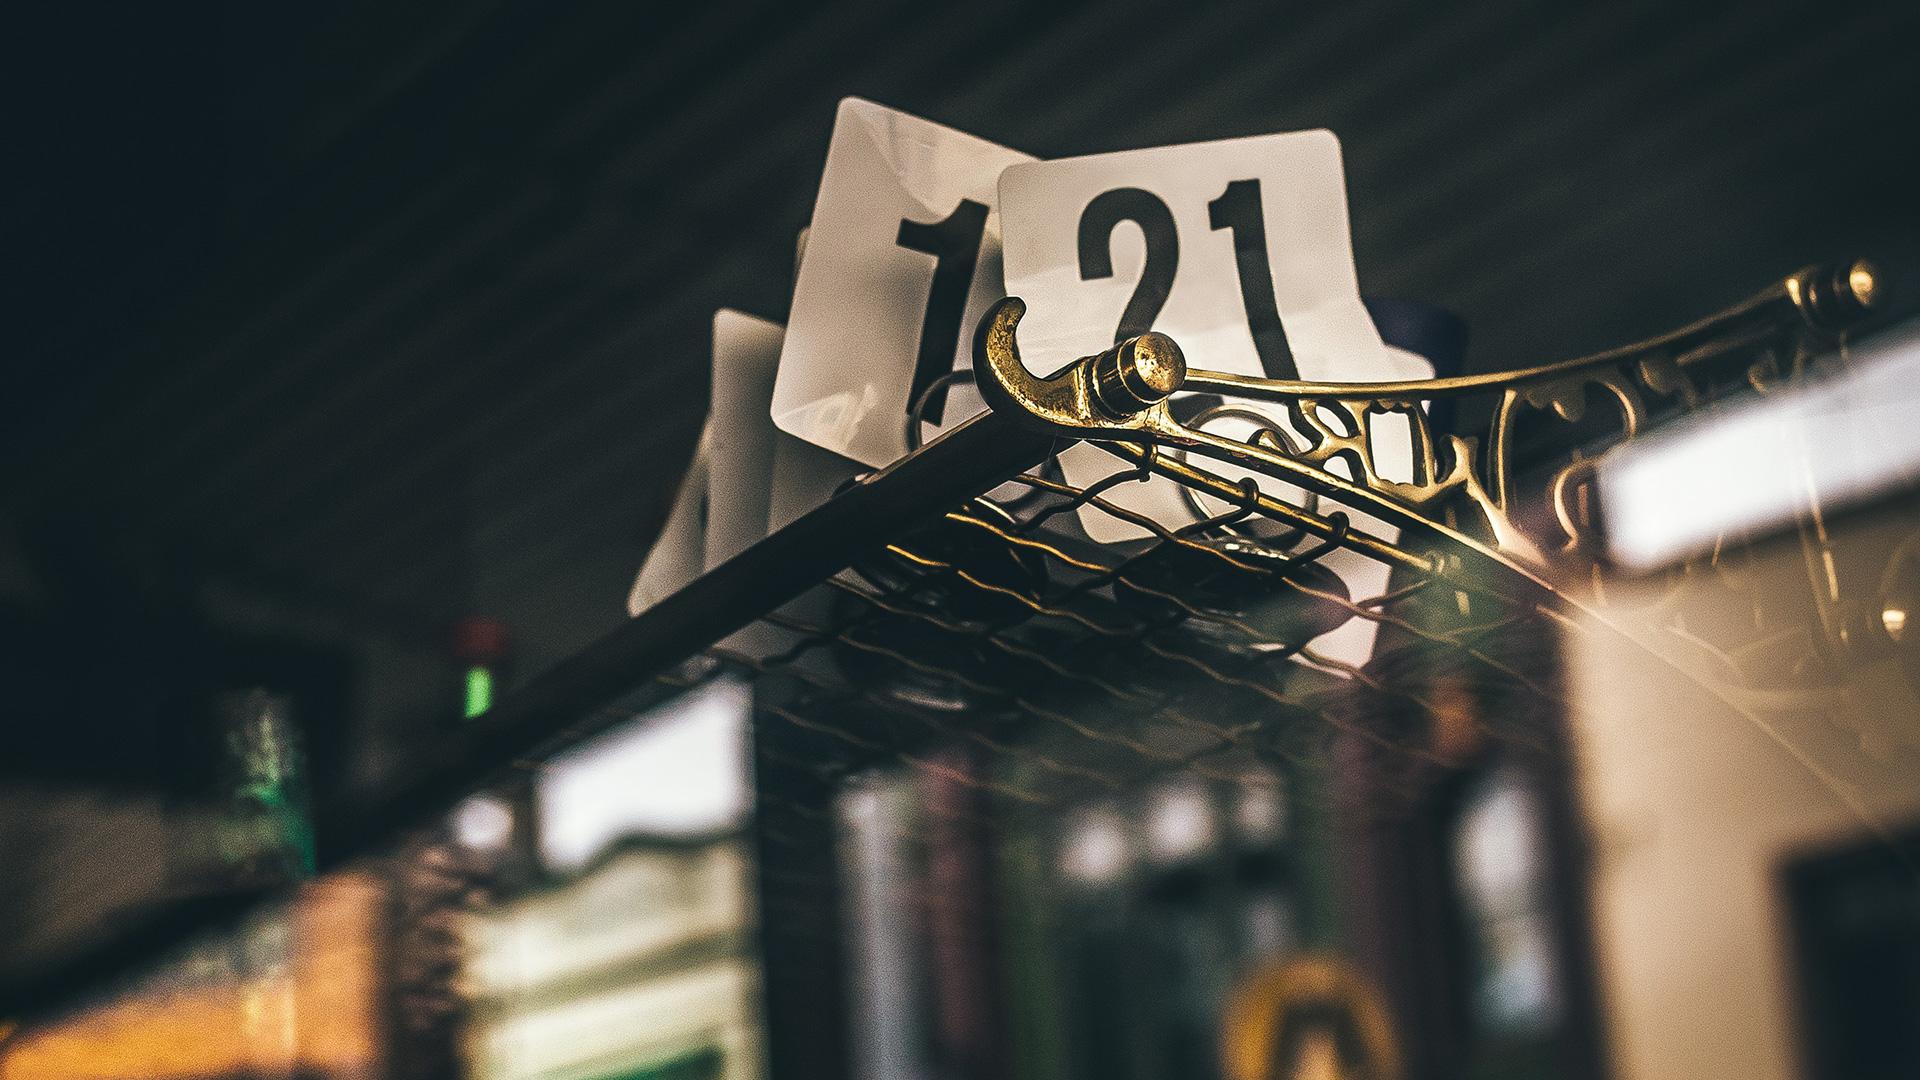 Foglietti di carta con il numero 21